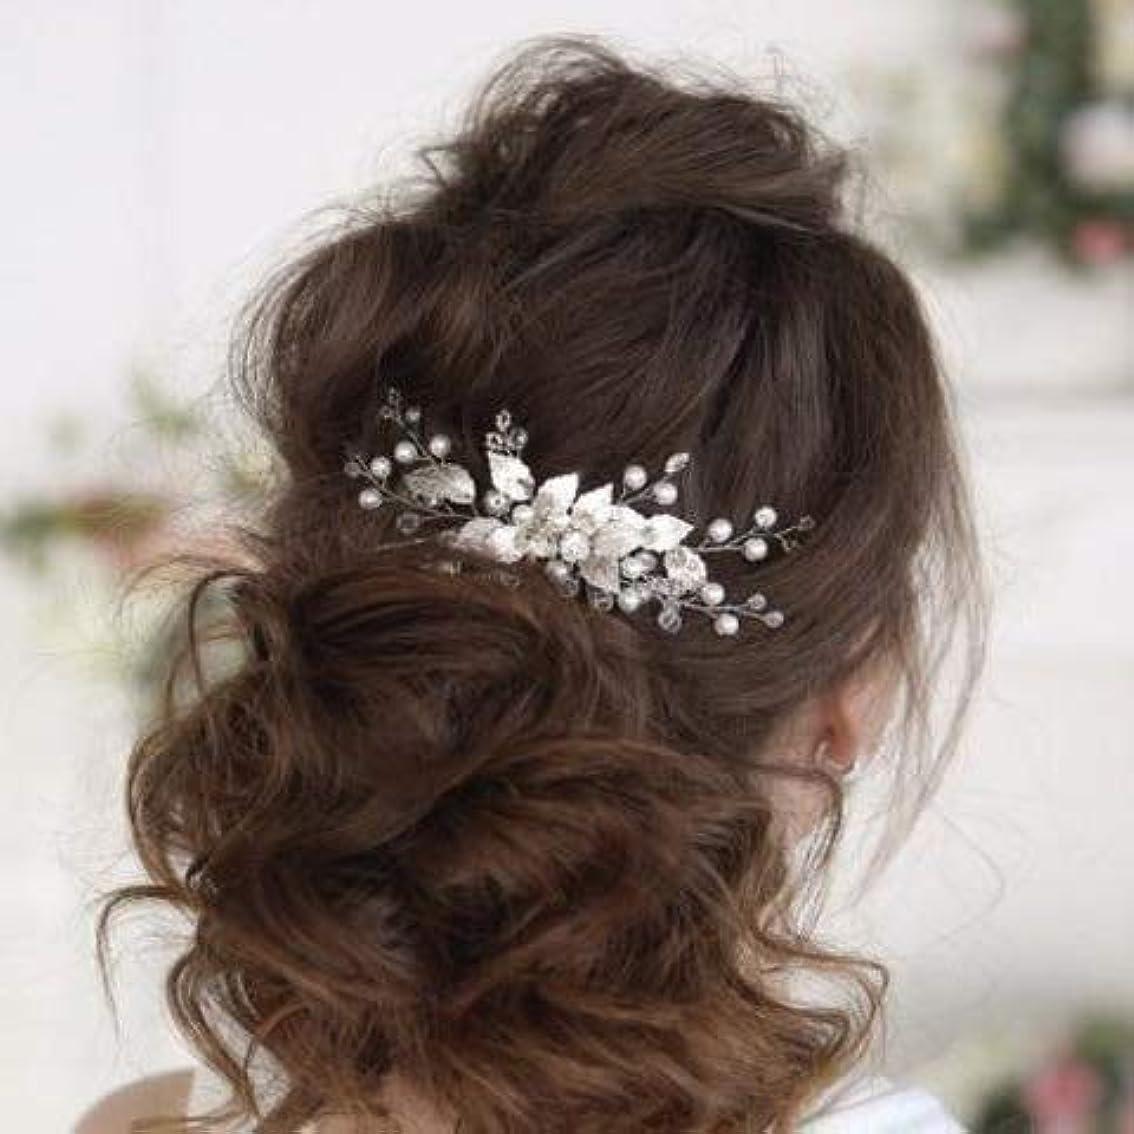 再集計カートリッジ承認Kercisbeauty Boho Wedding Bridal Hair Comb Clips Decorative Headband with Crystal Leaf Rhinestones for Brides...